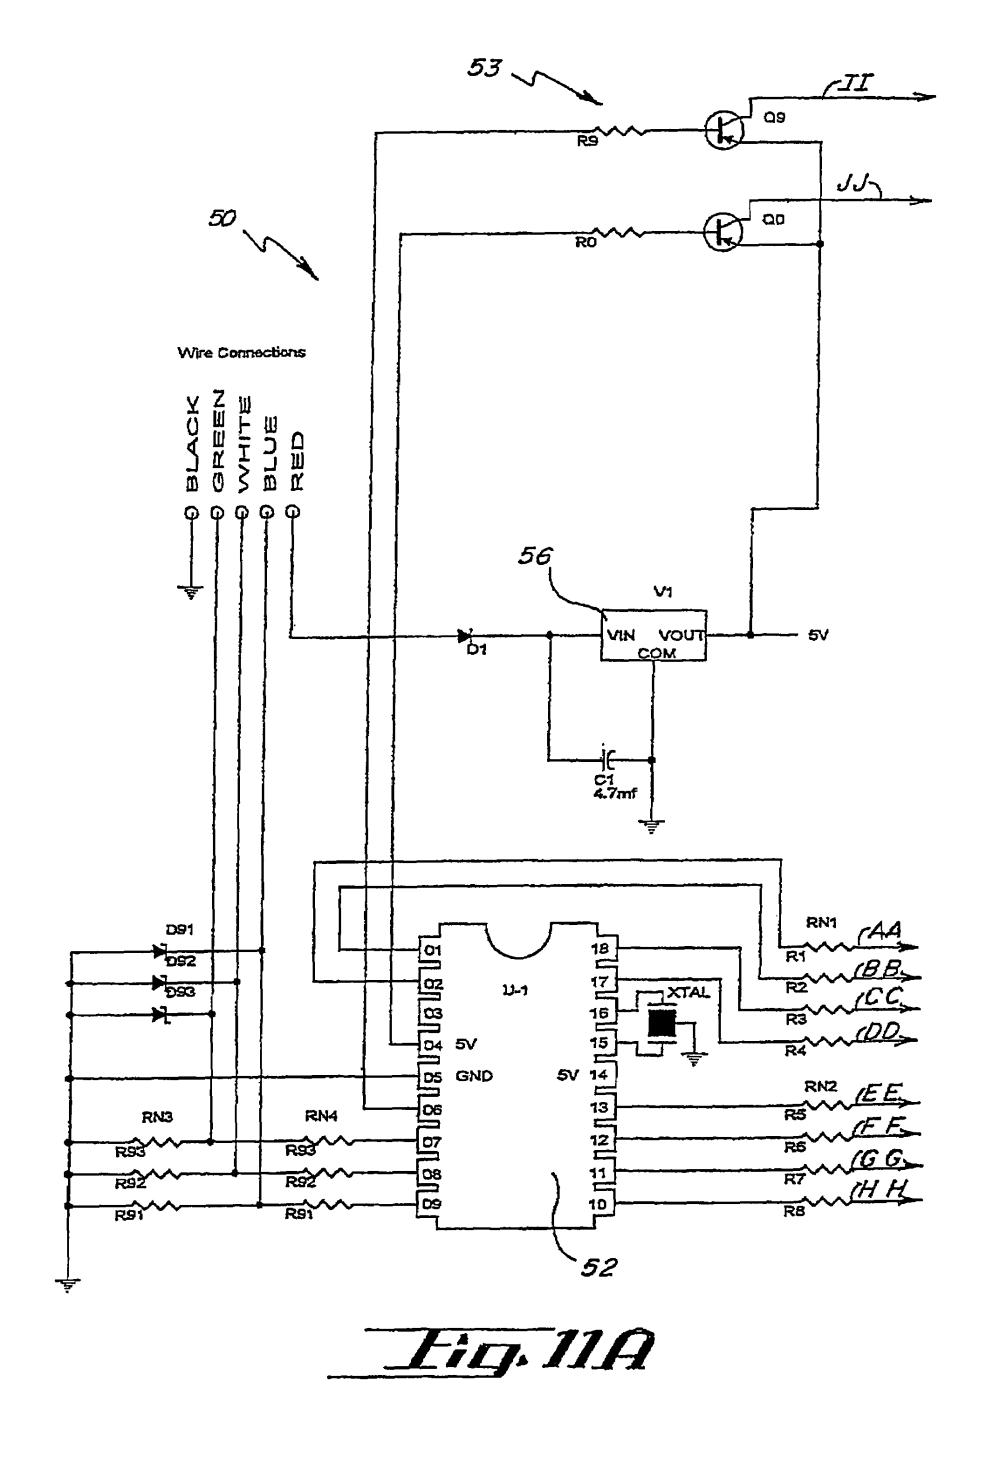 medium resolution of mx 7000 light bar wiring diagram wiring diagram lapcode 3 mx7000 wiring diagram box wiring diagram